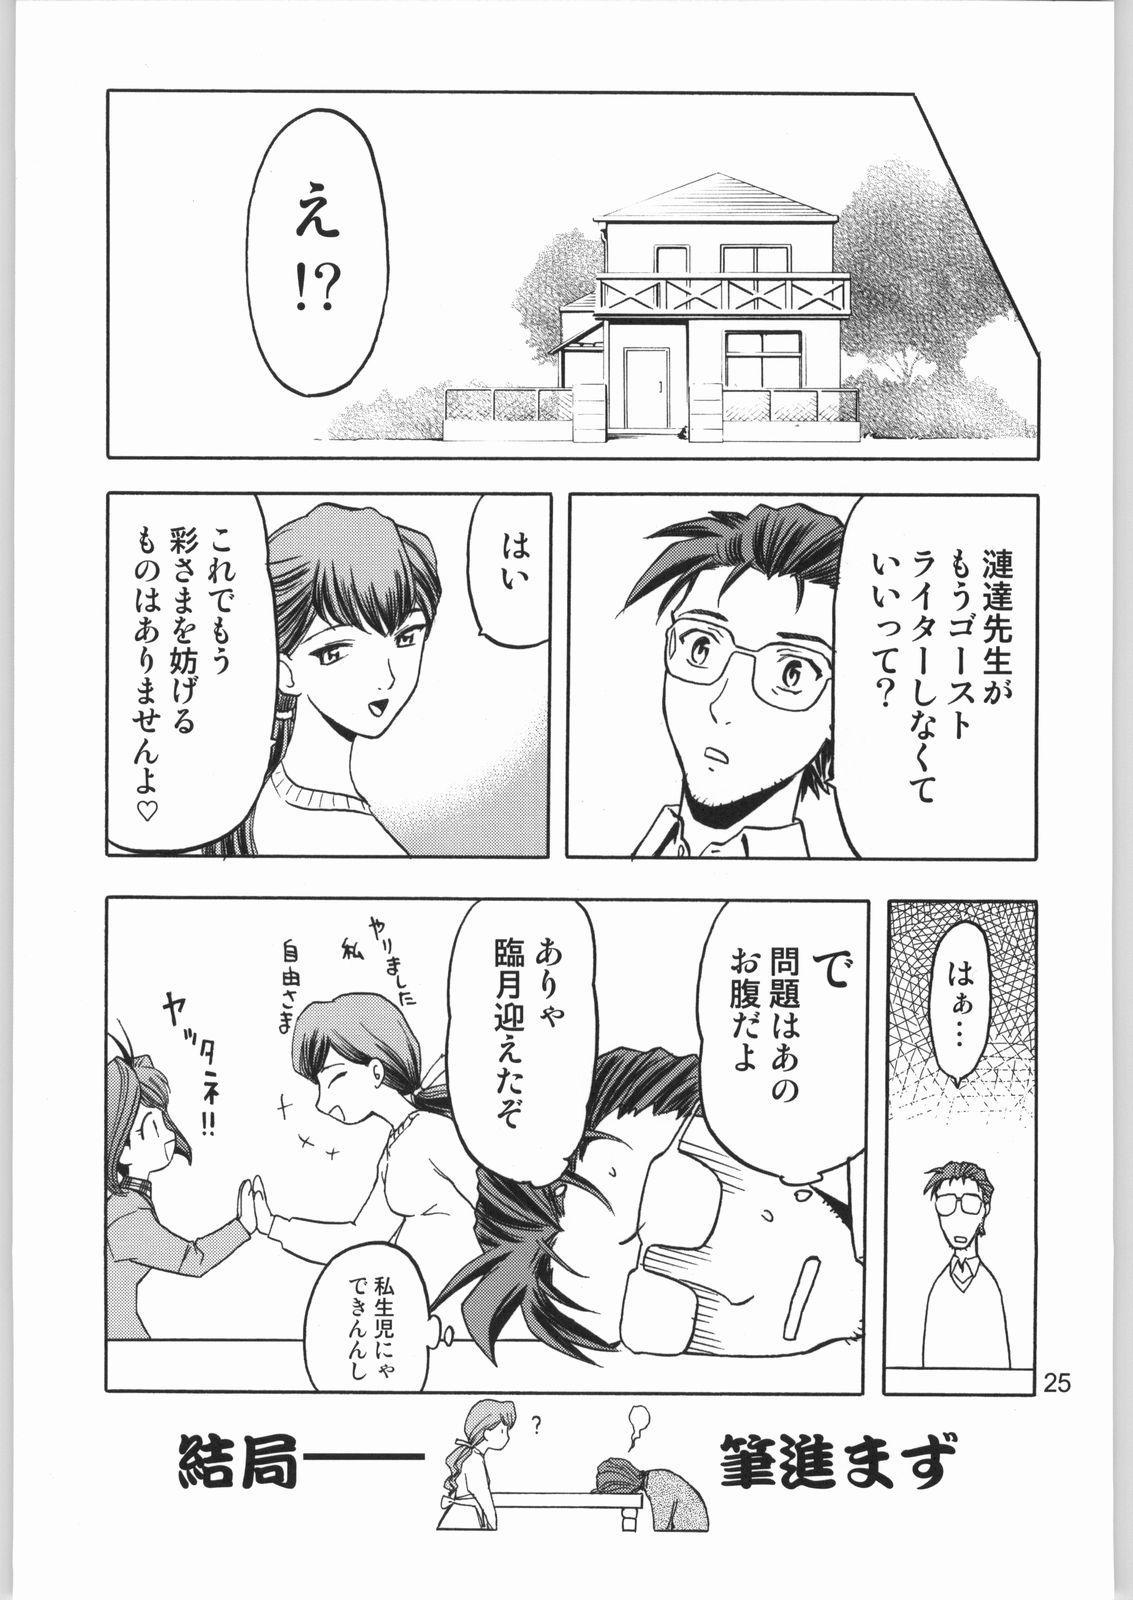 Yagyuu Ichizoku no Inkou 23